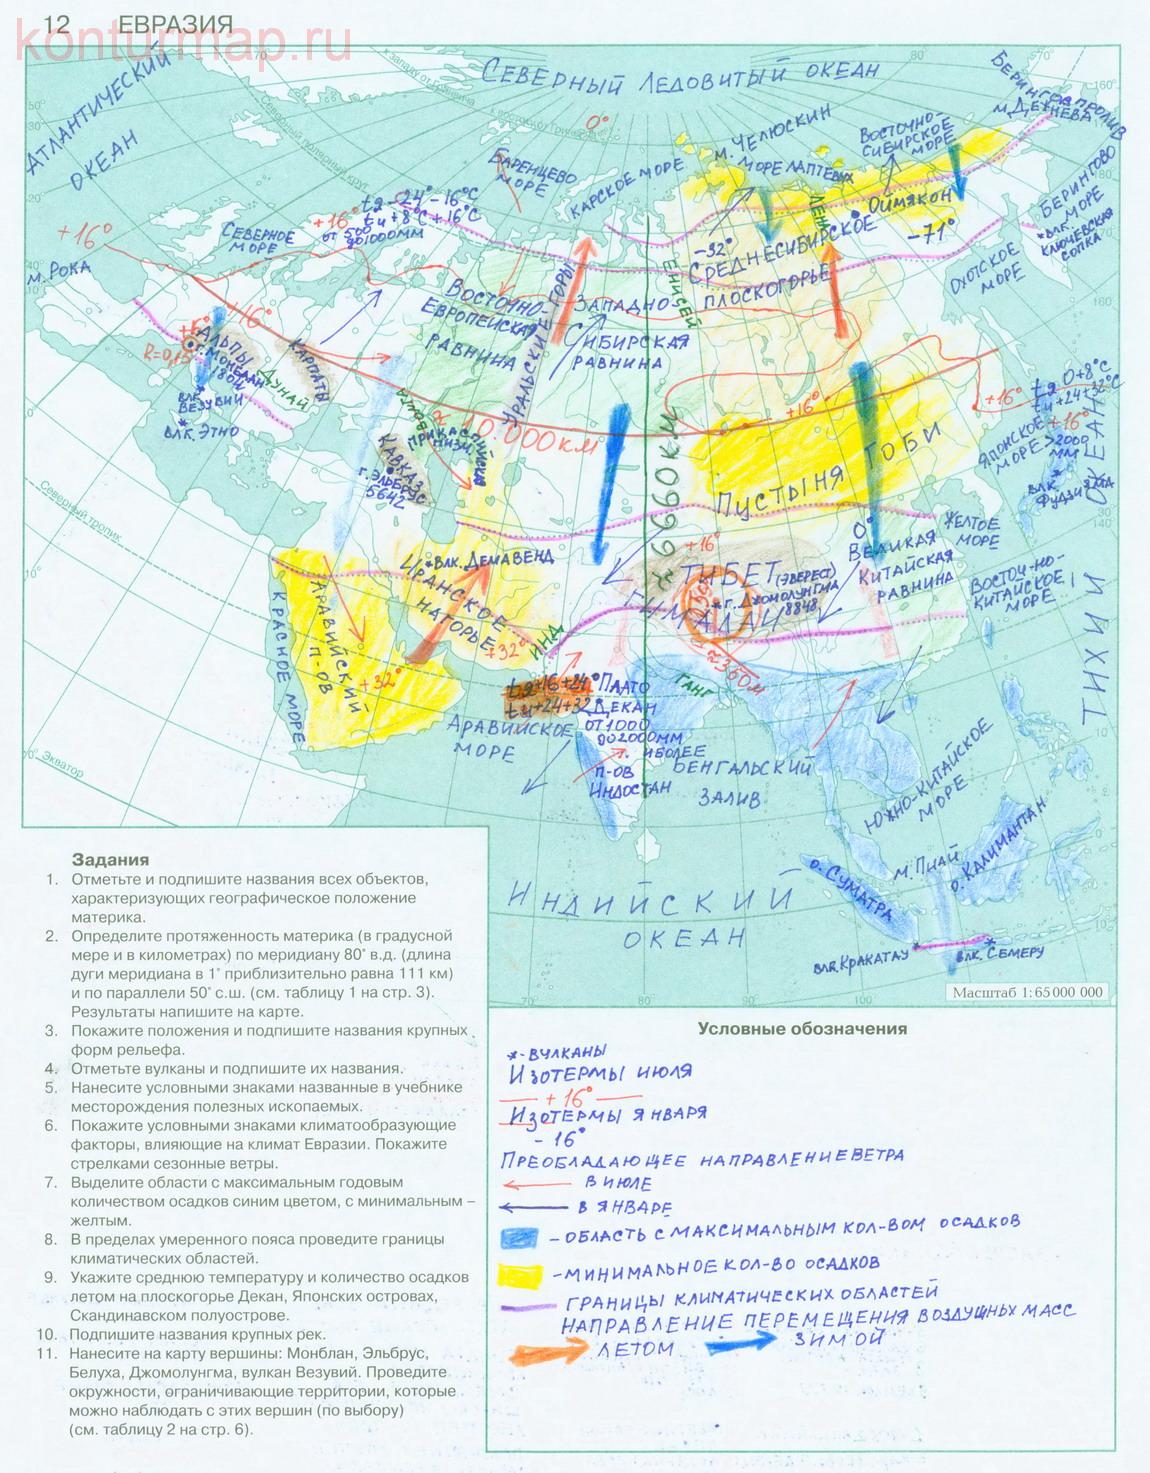 Решебник по географии контурная карта 7 класс просвещение.